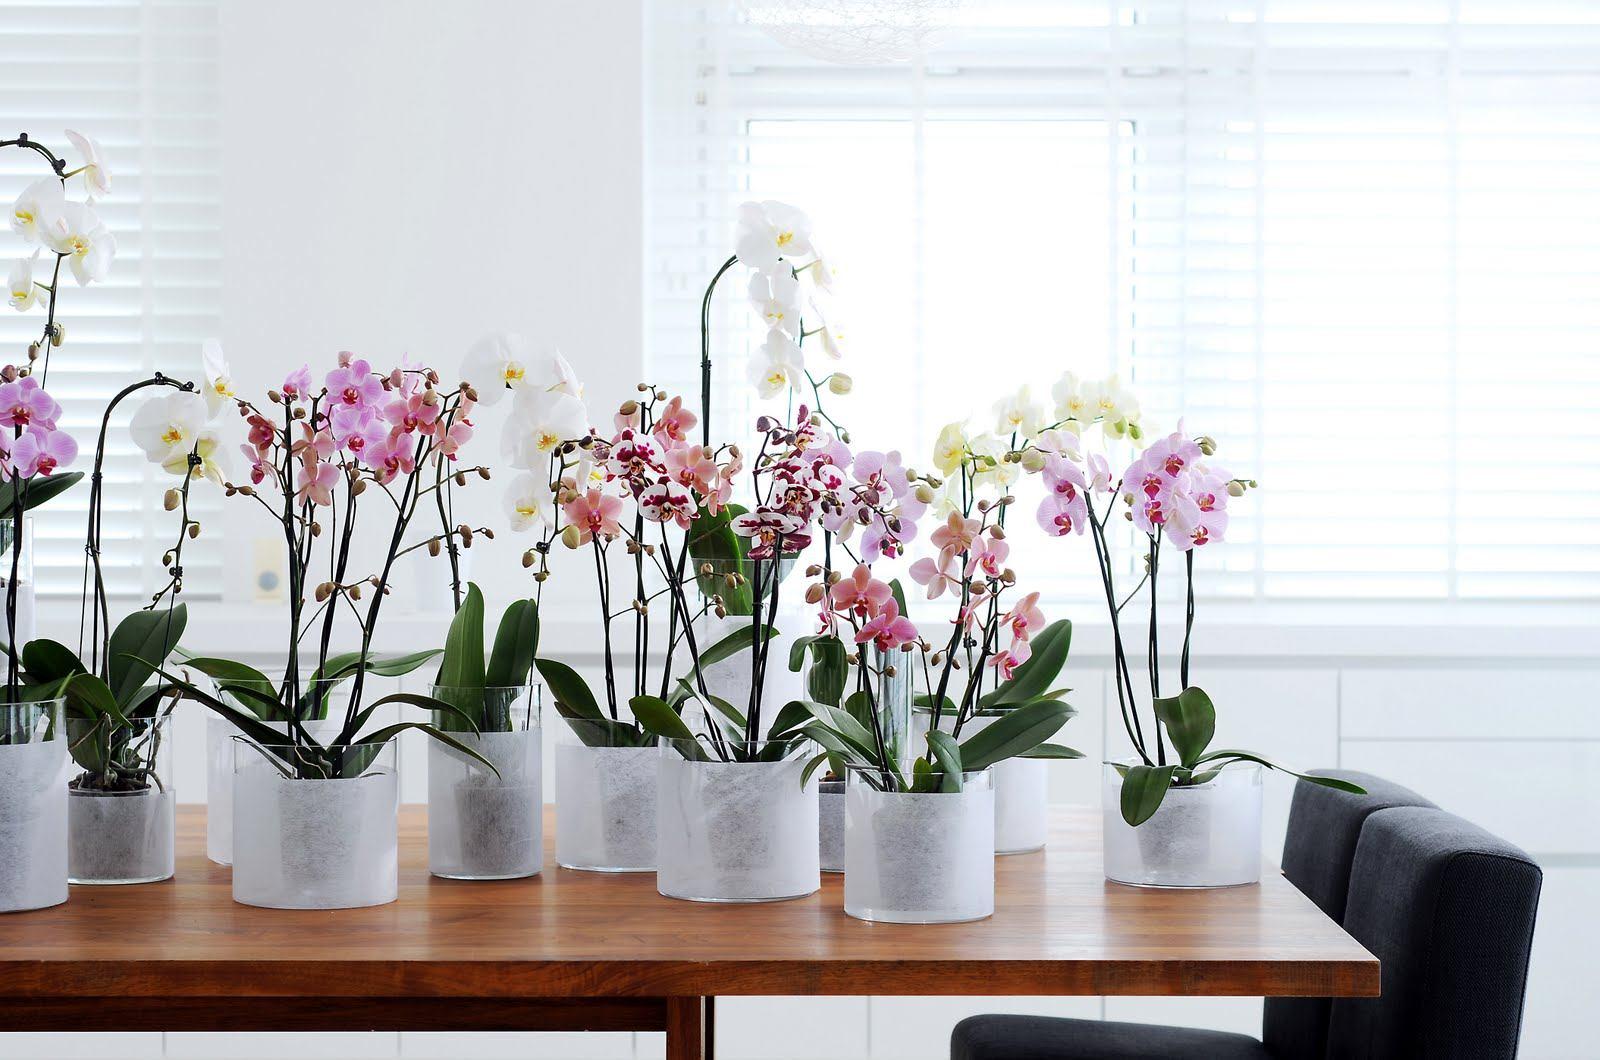 горшки для орхидей какие должны быть фото необходимую папку фото